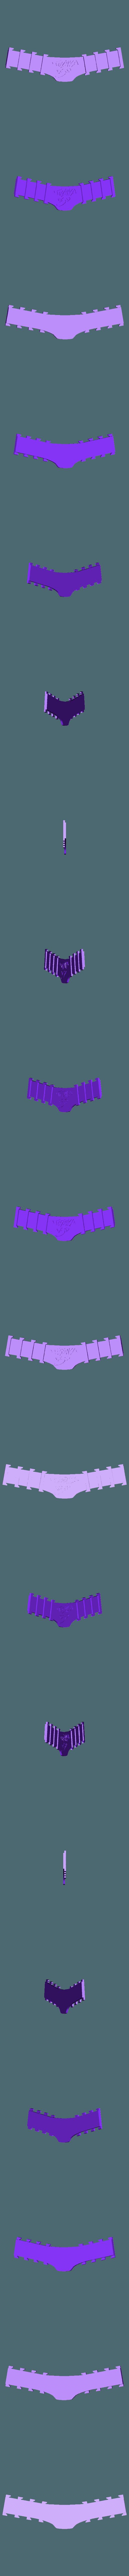 mask_buckle_v2.stl Download free STL file Face Mask Buckle • 3D print design, Tezuka_3D